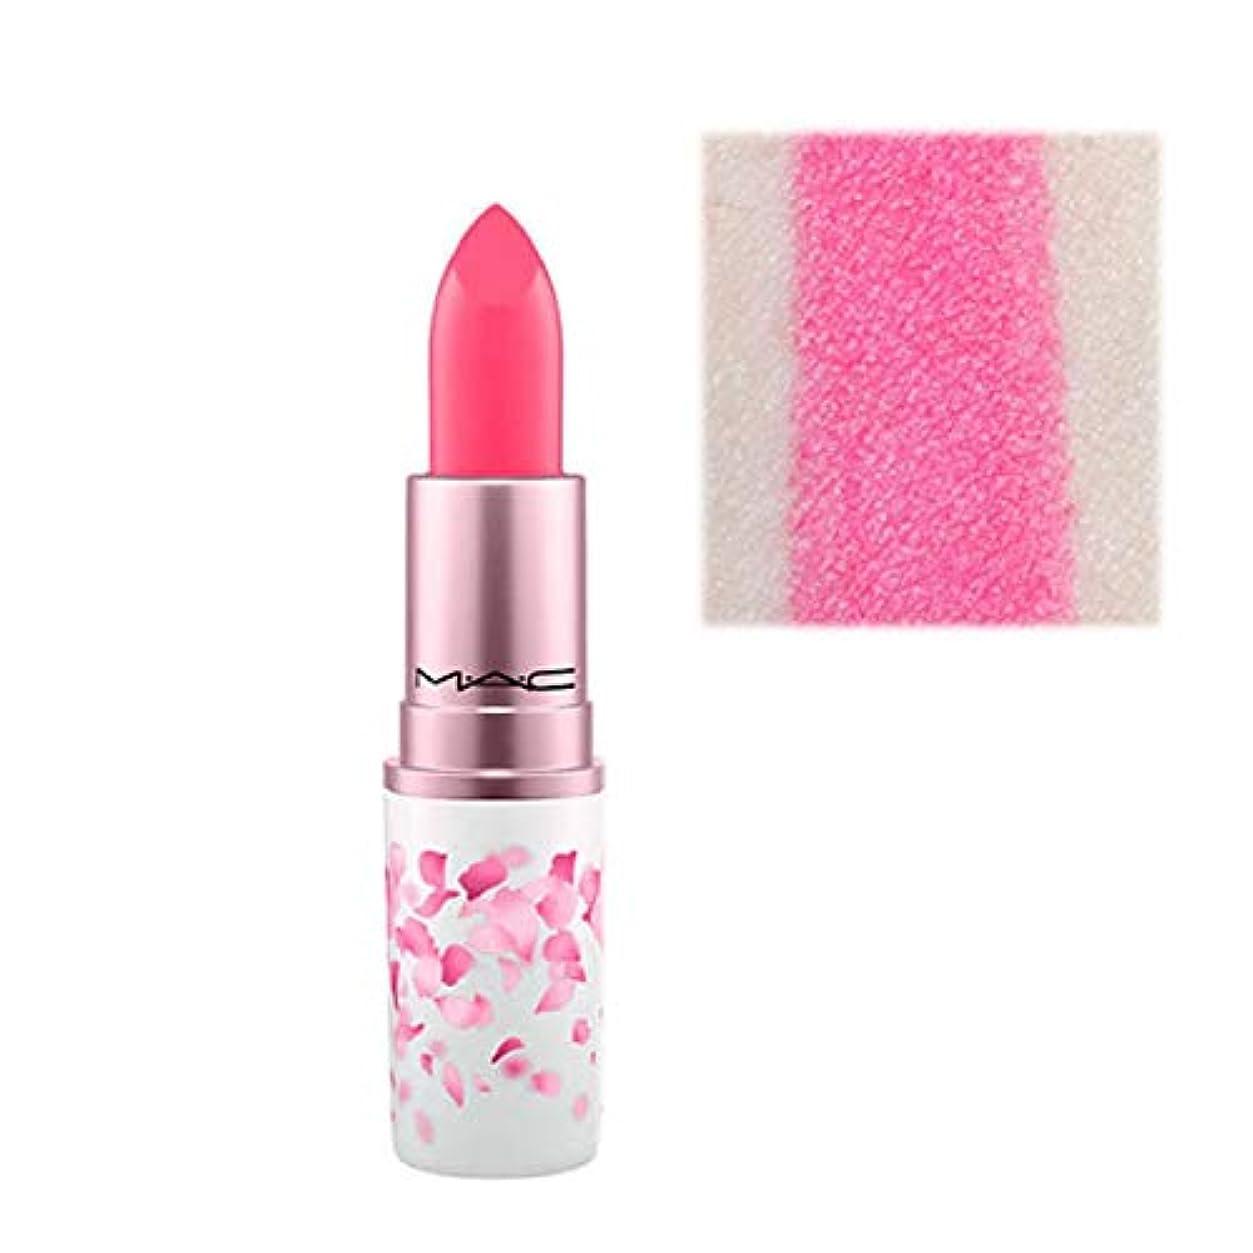 活発噴出するインチM.A.C ?マック, 限定版, 2019 Spring, Lipstick/Boom, Boom, Bloom - Tsk Tsk [海外直送品] [並行輸入品]